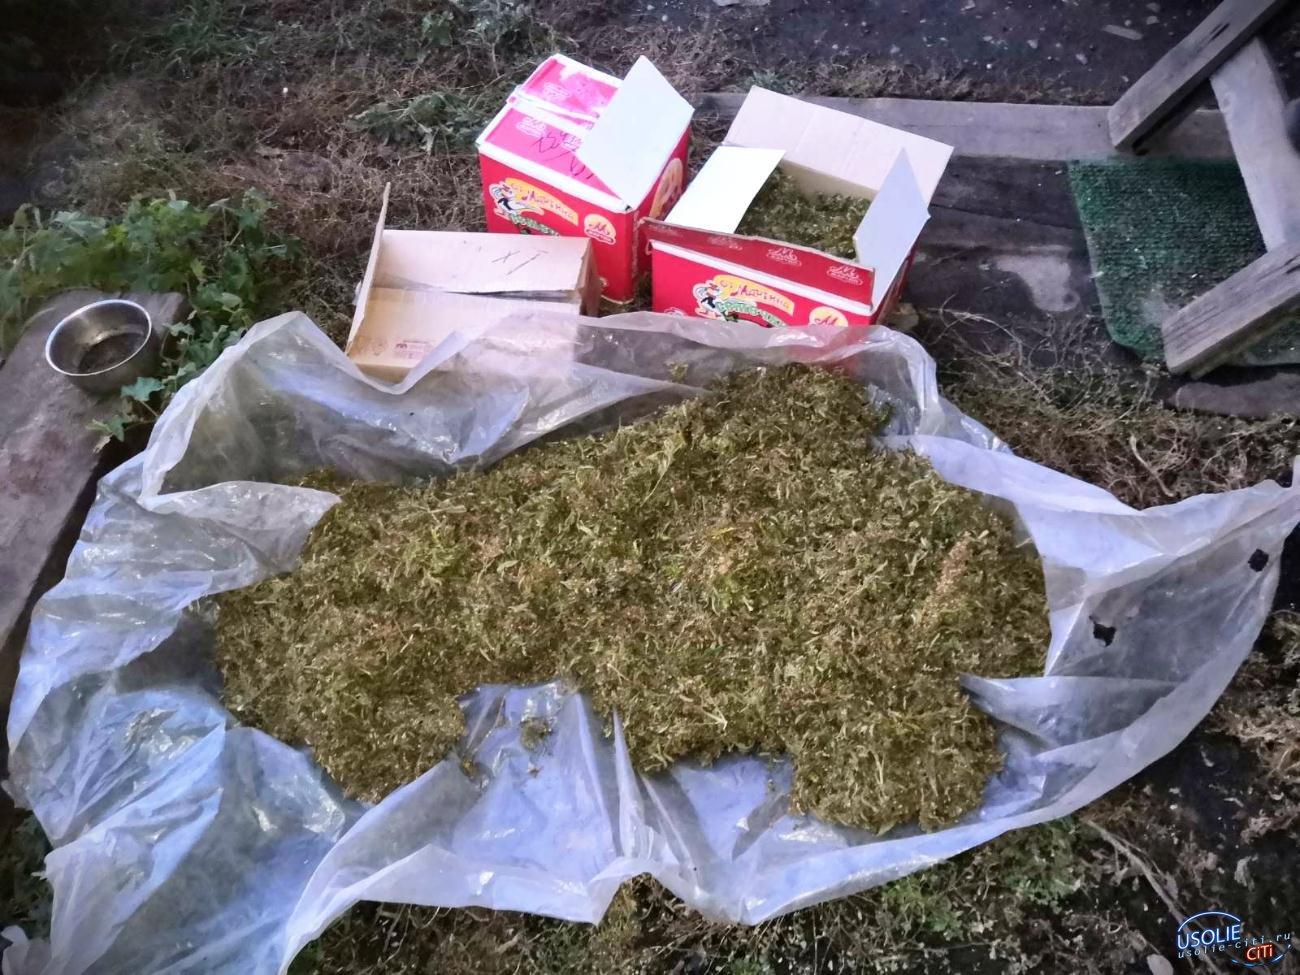 Усольские полицейские отобрали марихуану у жителя района